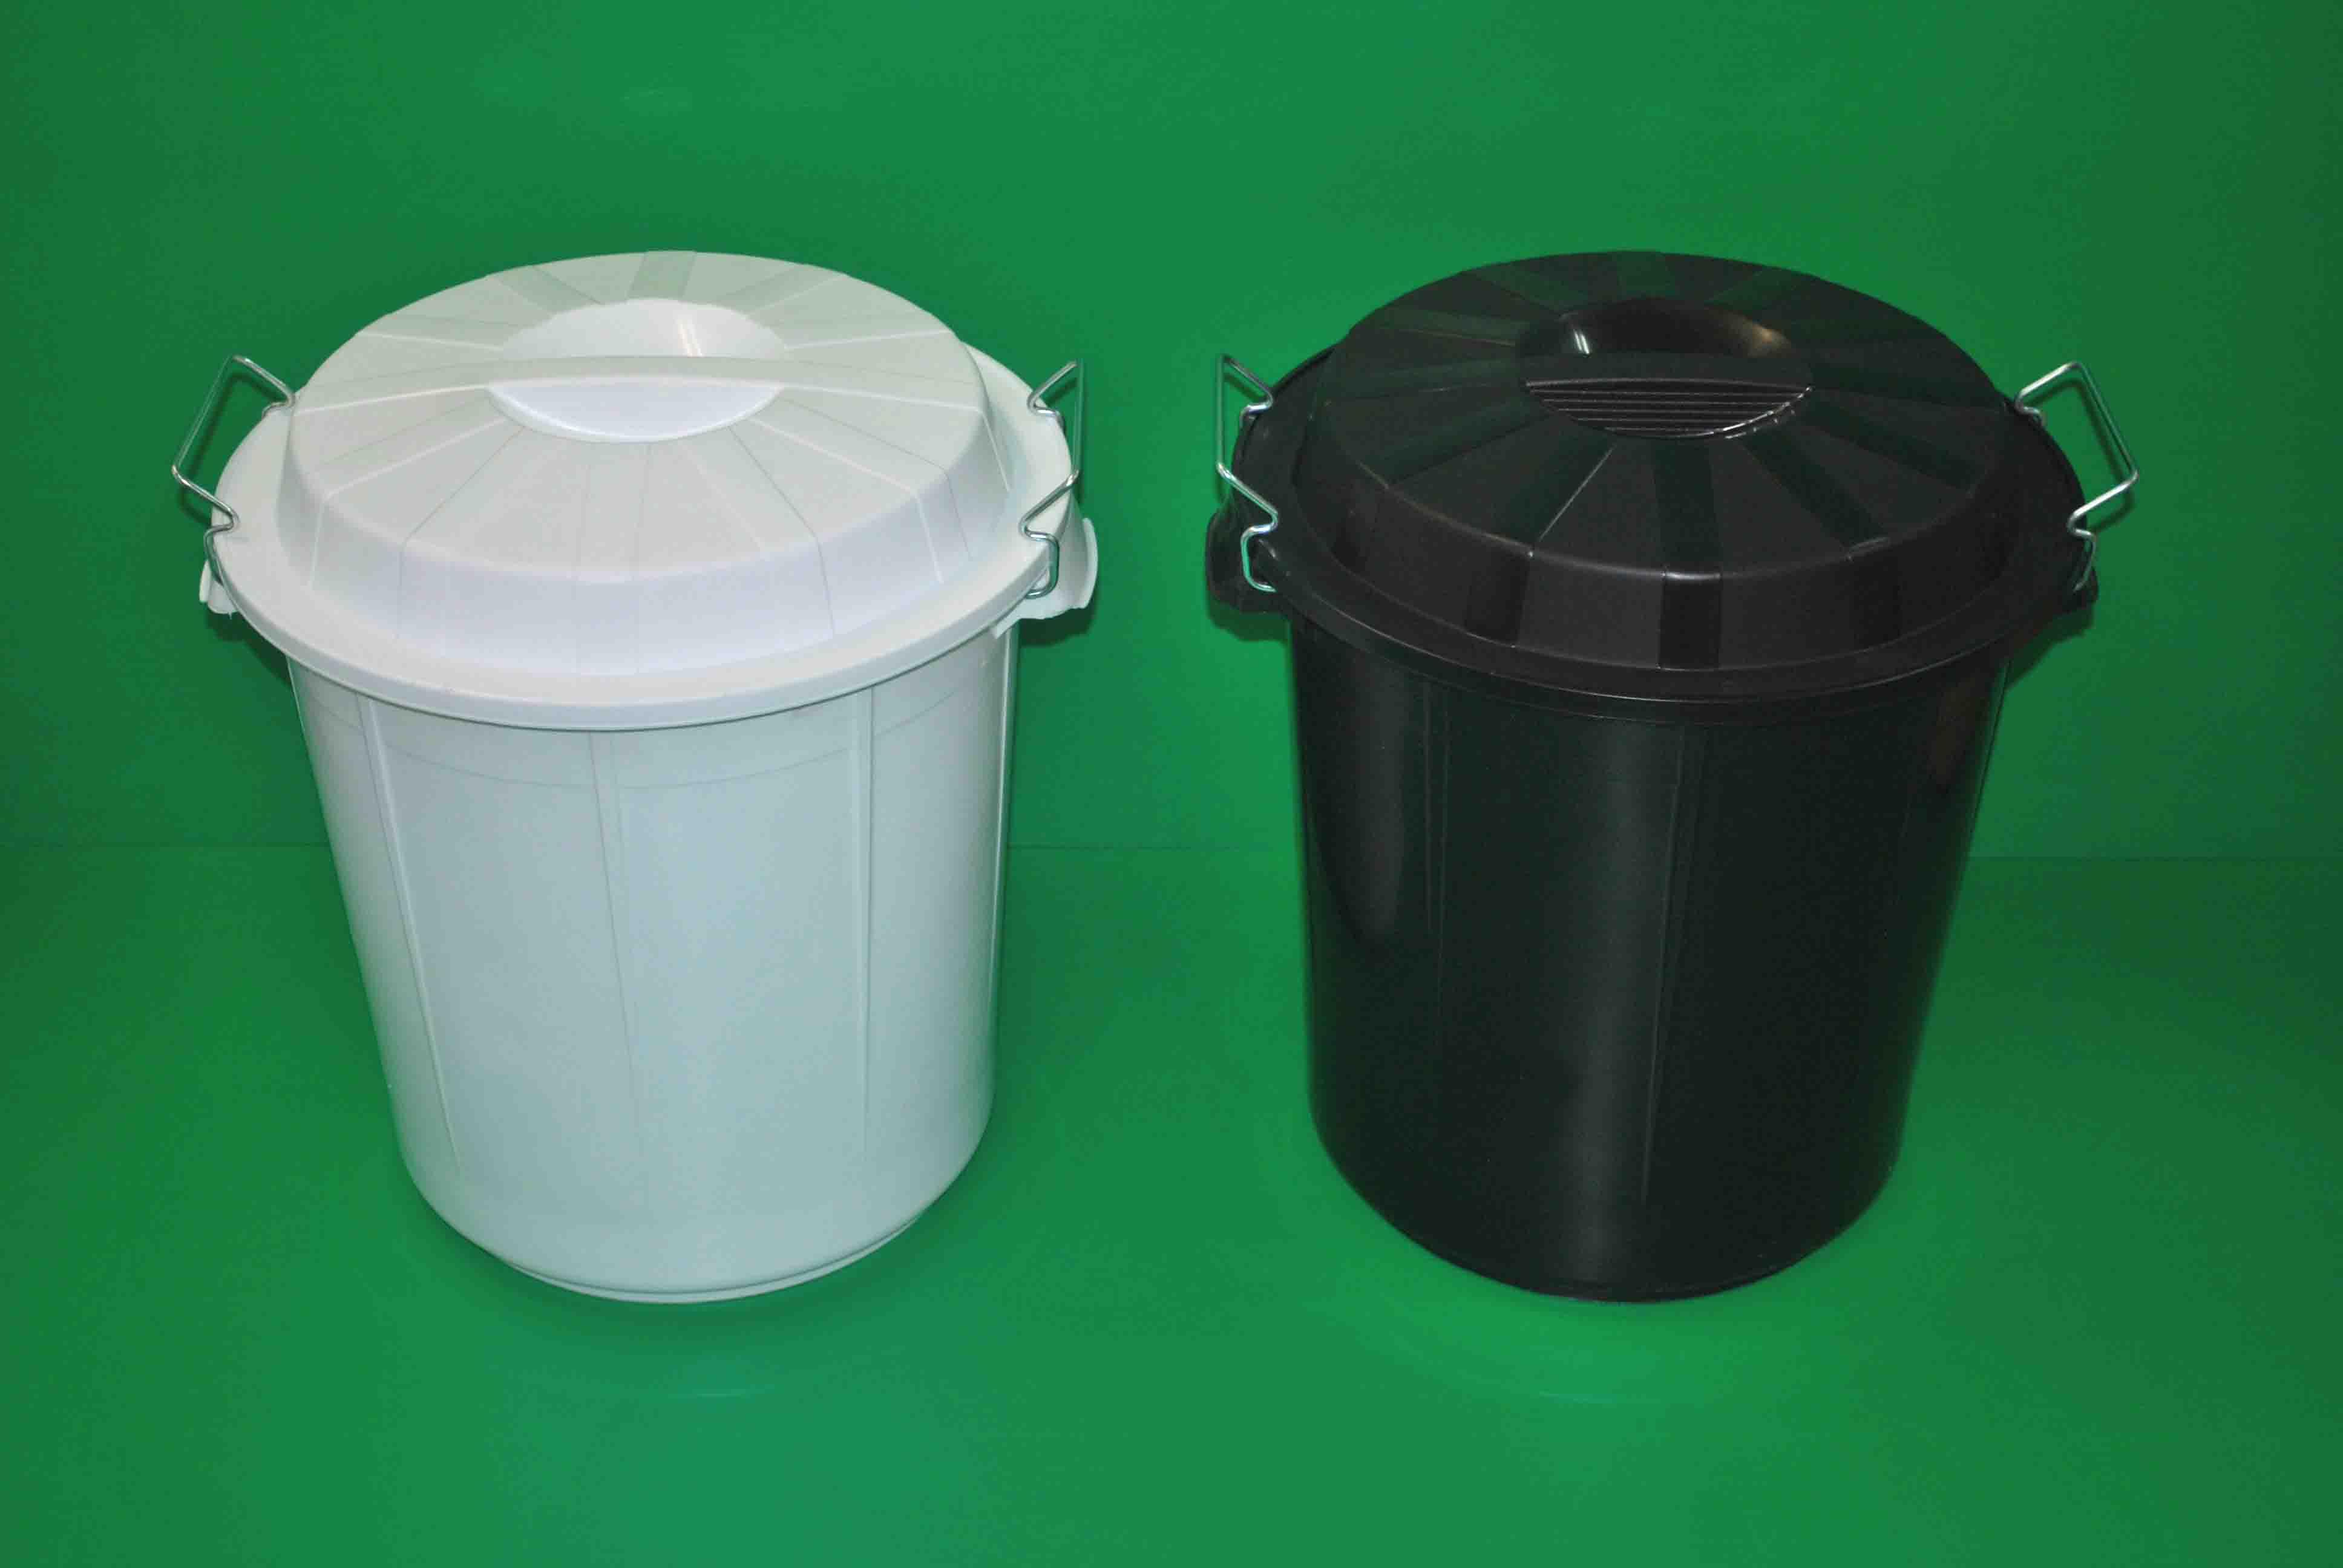 Cubos basura grandes cat logo de orbiplast s l - Cubos de basura ...